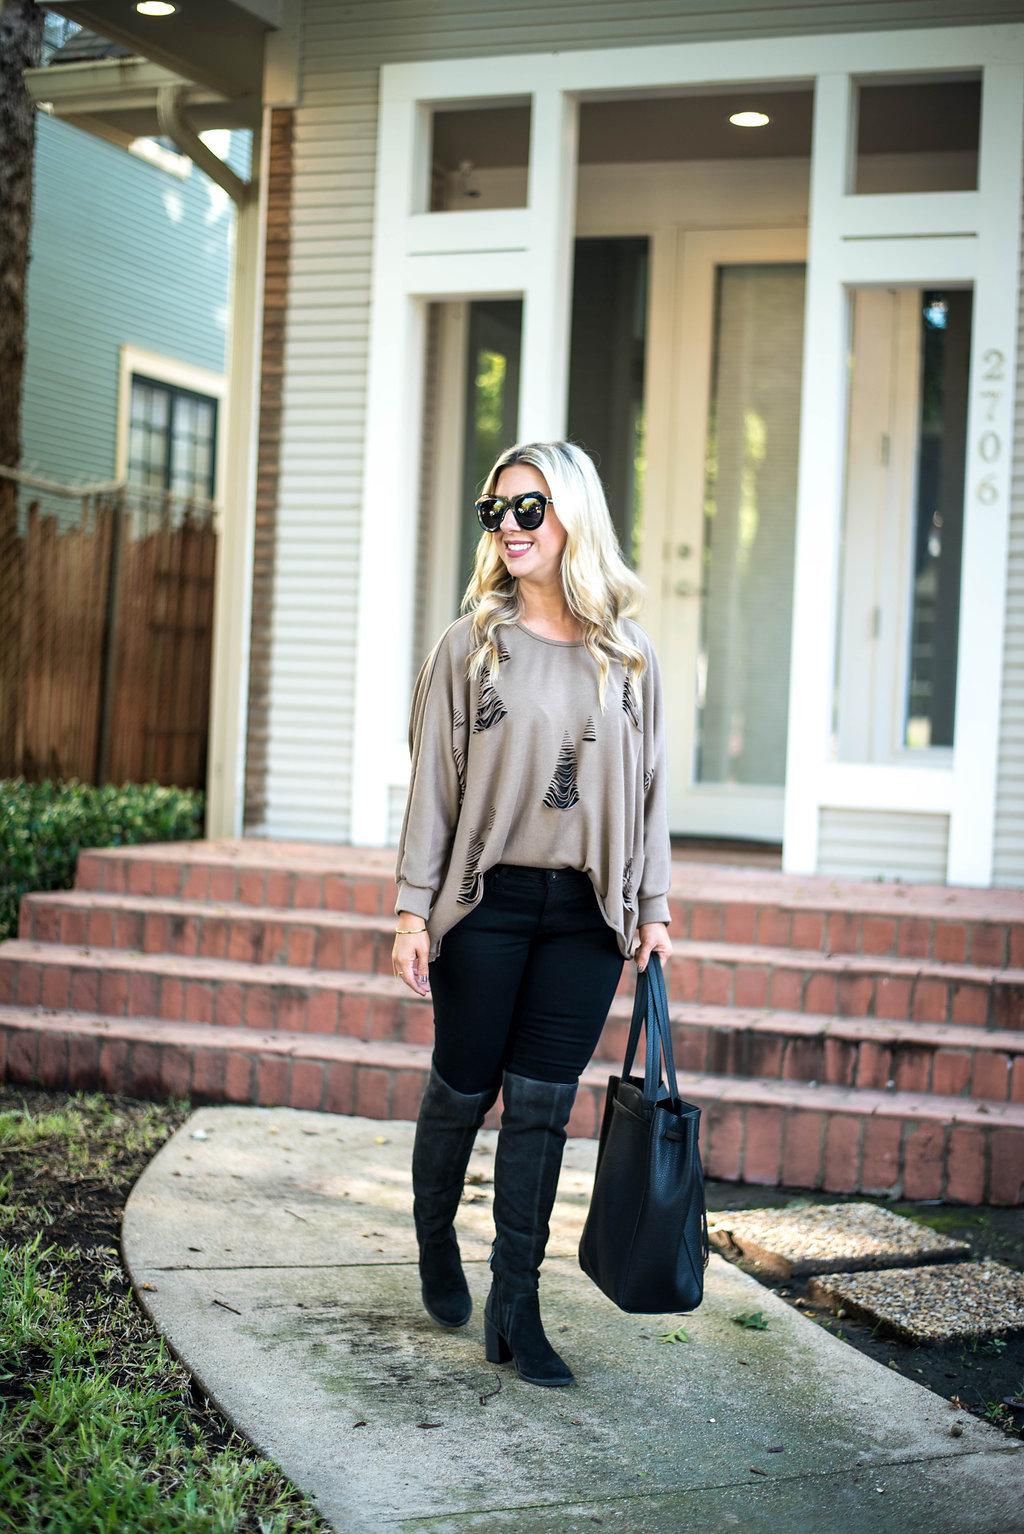 Distressed Sweater | Dallas Fashion Blogger